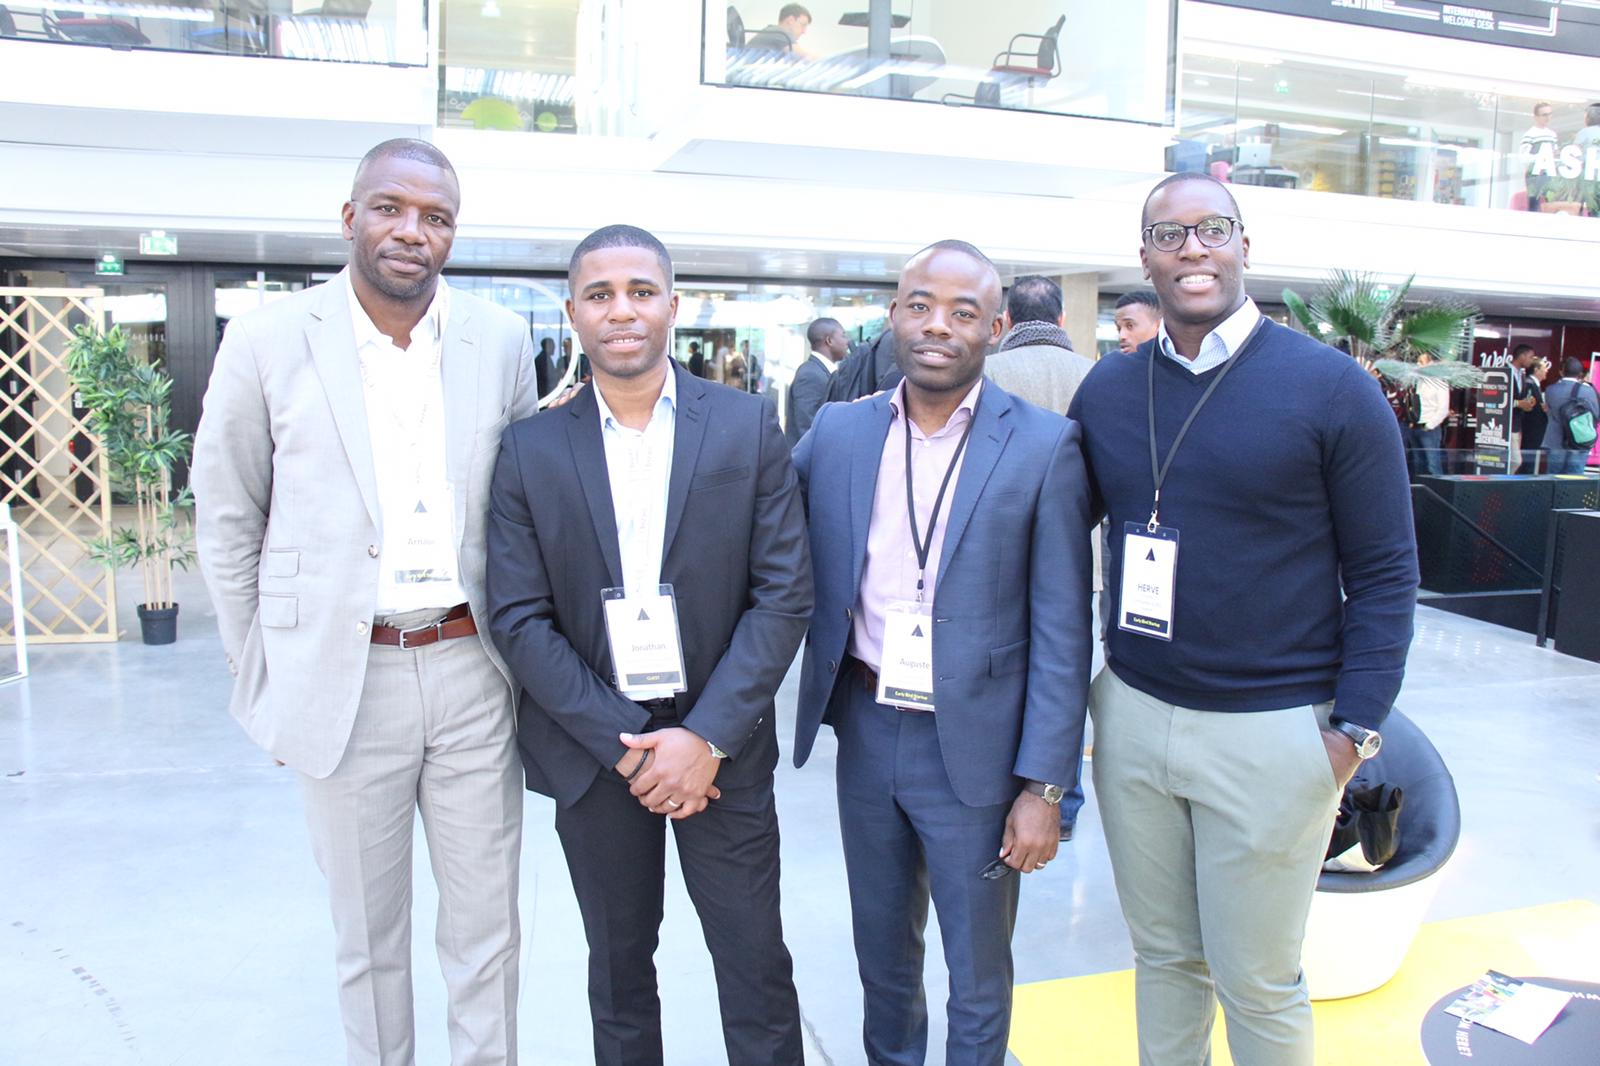 L'écosystème tech congolais est en plein essor et offre une opportunité d'investissement pour les investisseurs dans plusieurs secteurs allant de la fintech, au commerce en ligne, au lo…